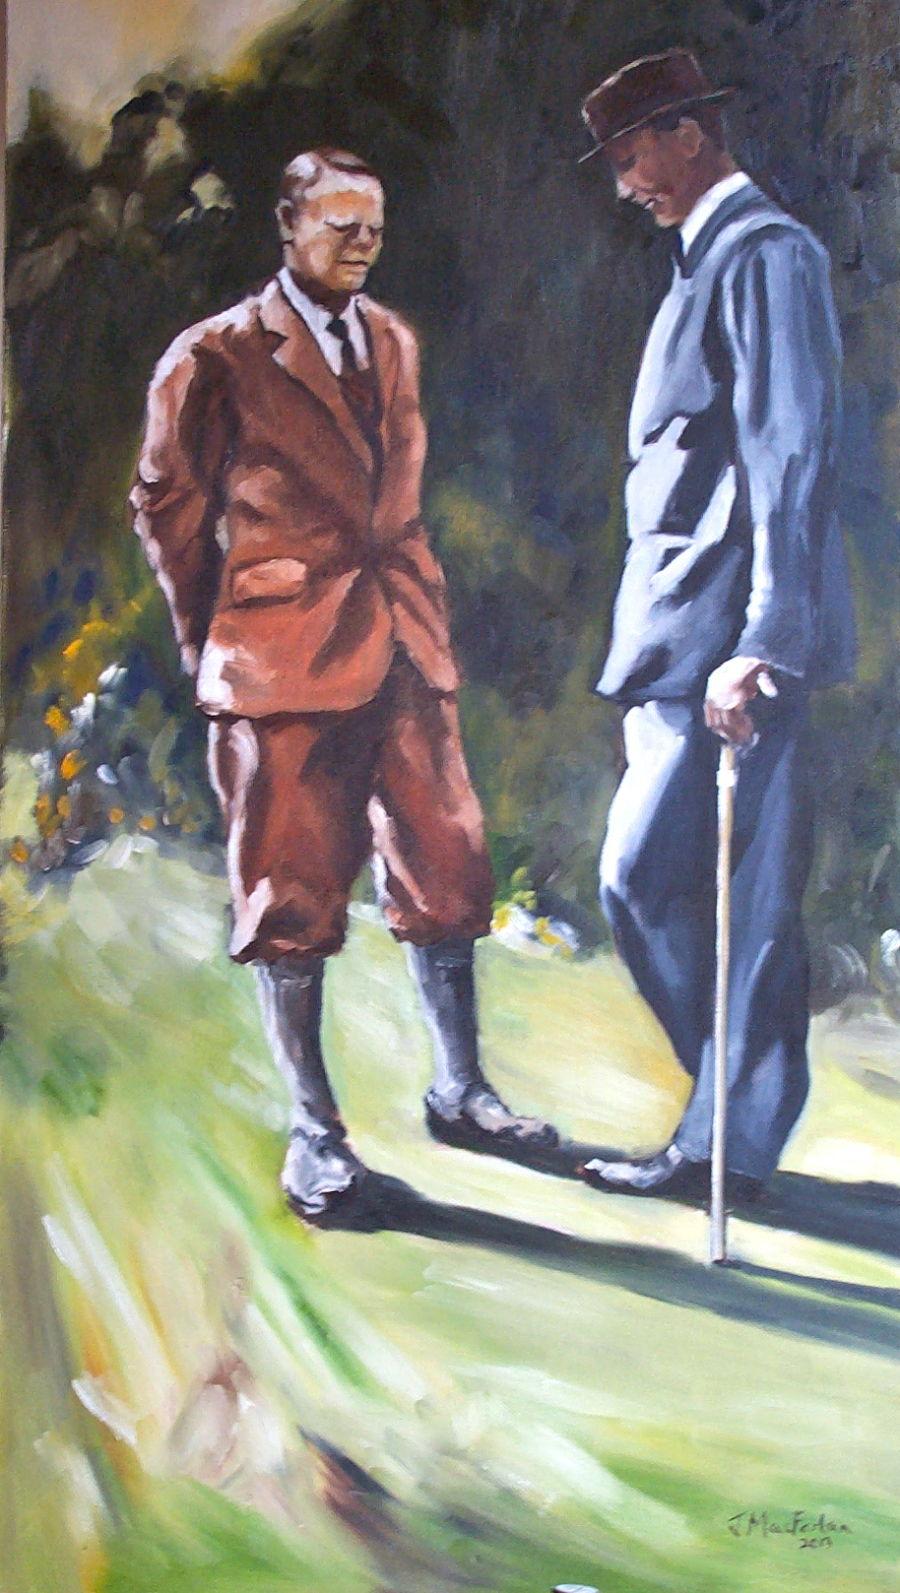 Two gentlemen in a garden